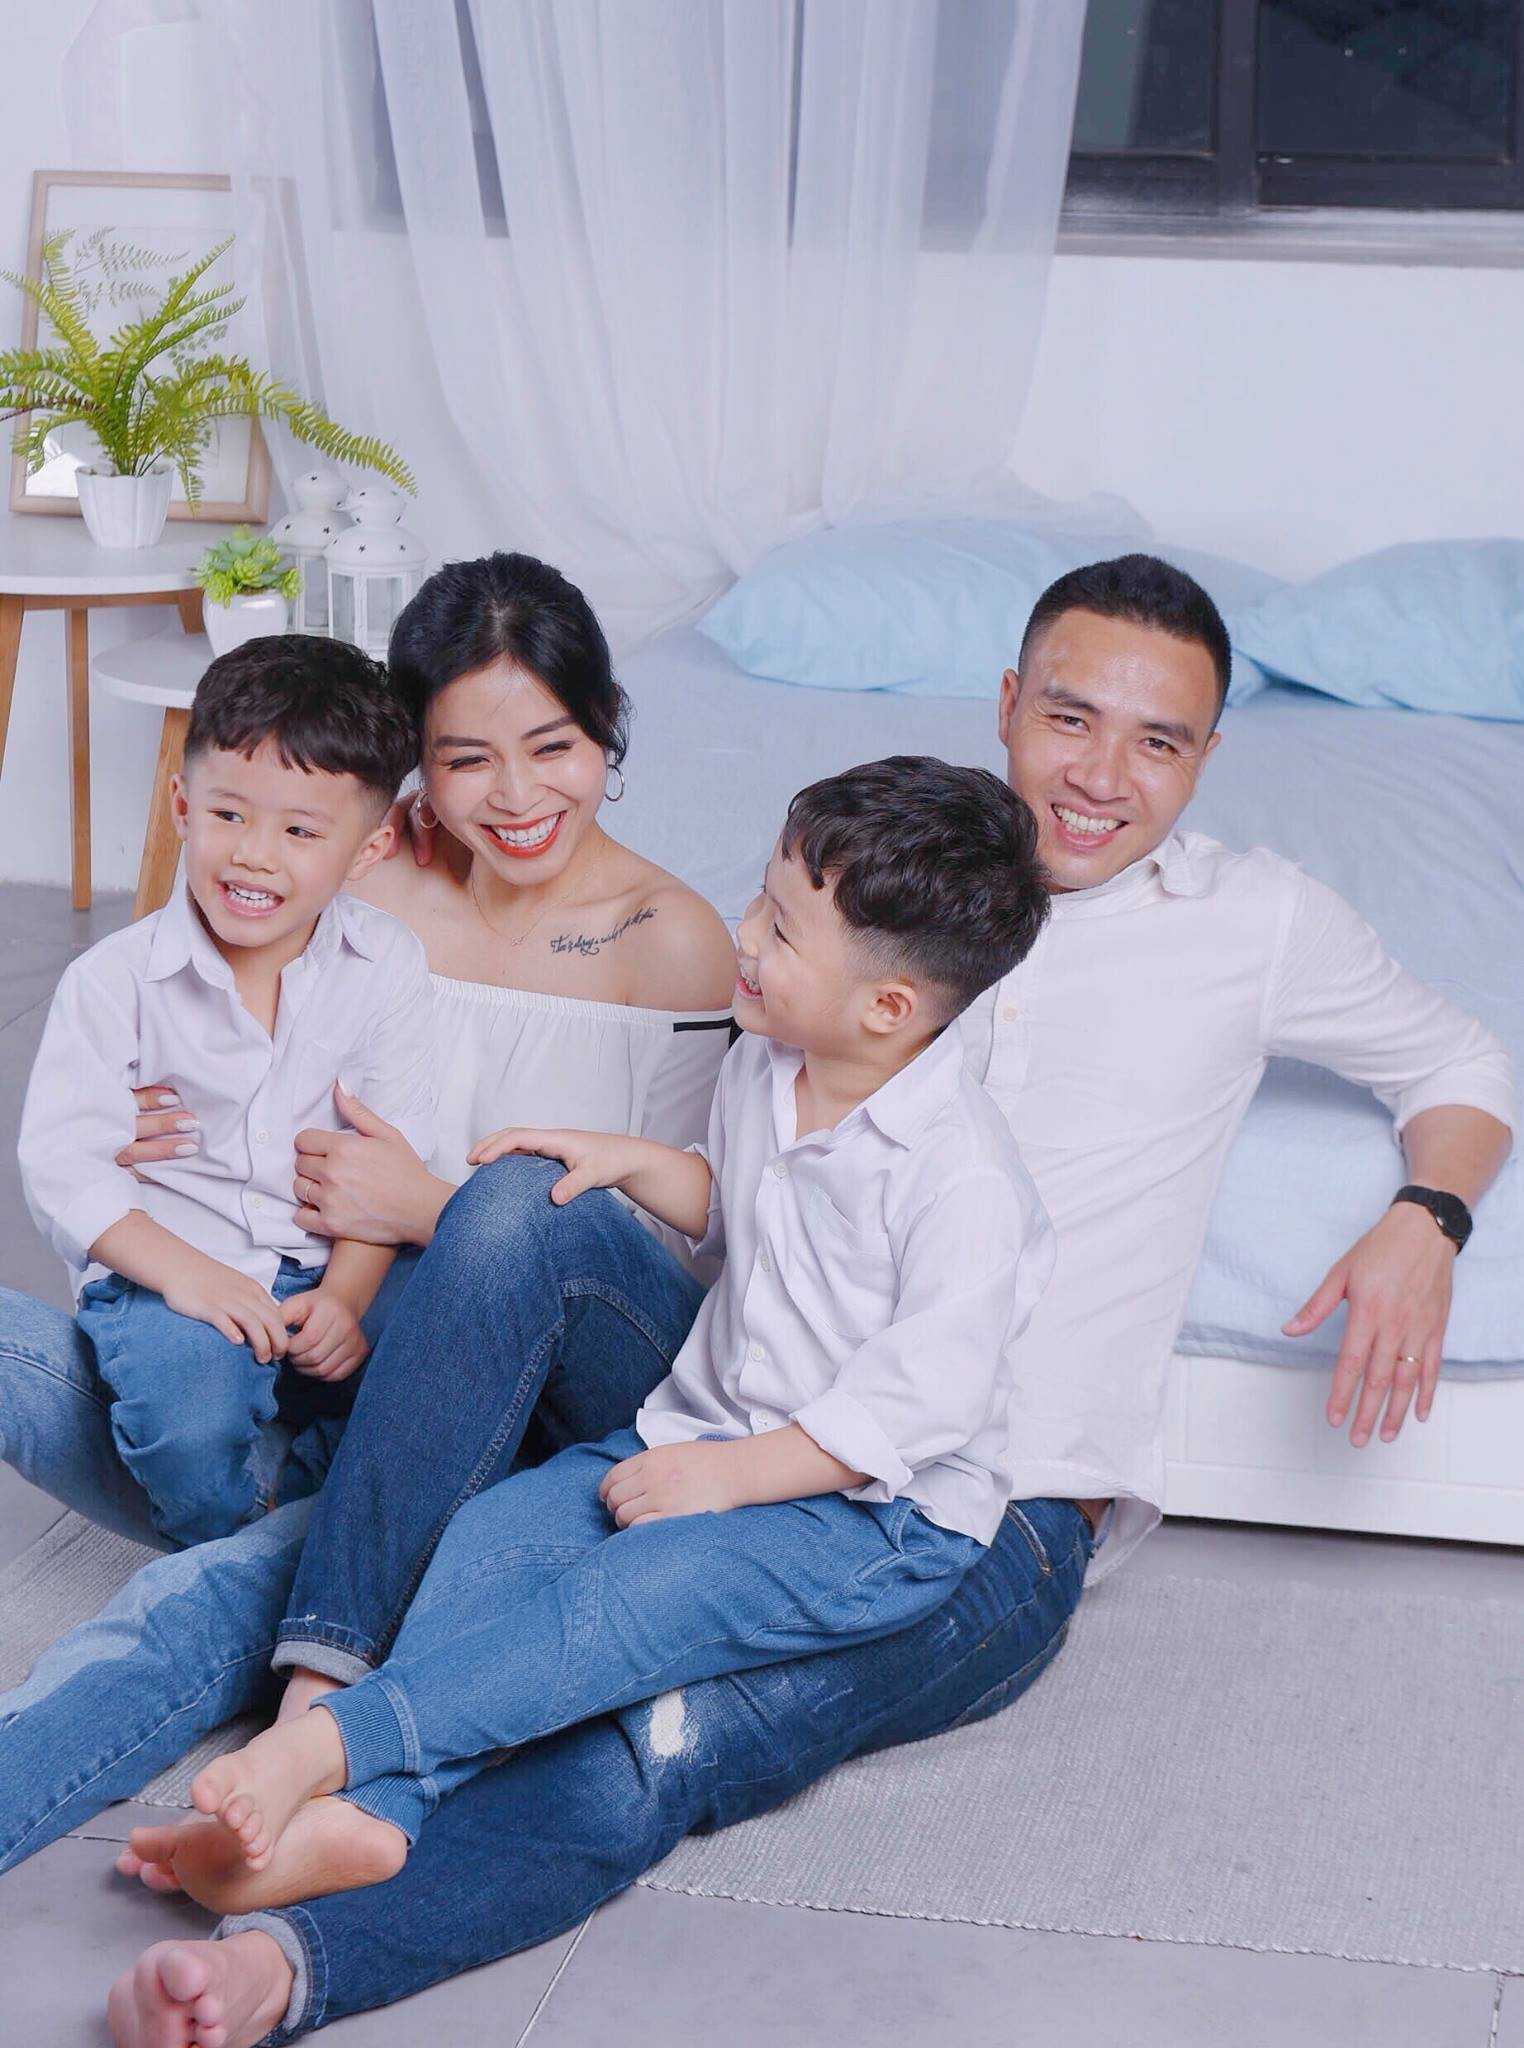 MC Hoàng Linh bất ngờ đăng ảnh chụp cùng chồng sắp cưới nhưng điều này mới được dân mạng chú ý hơn cả-10